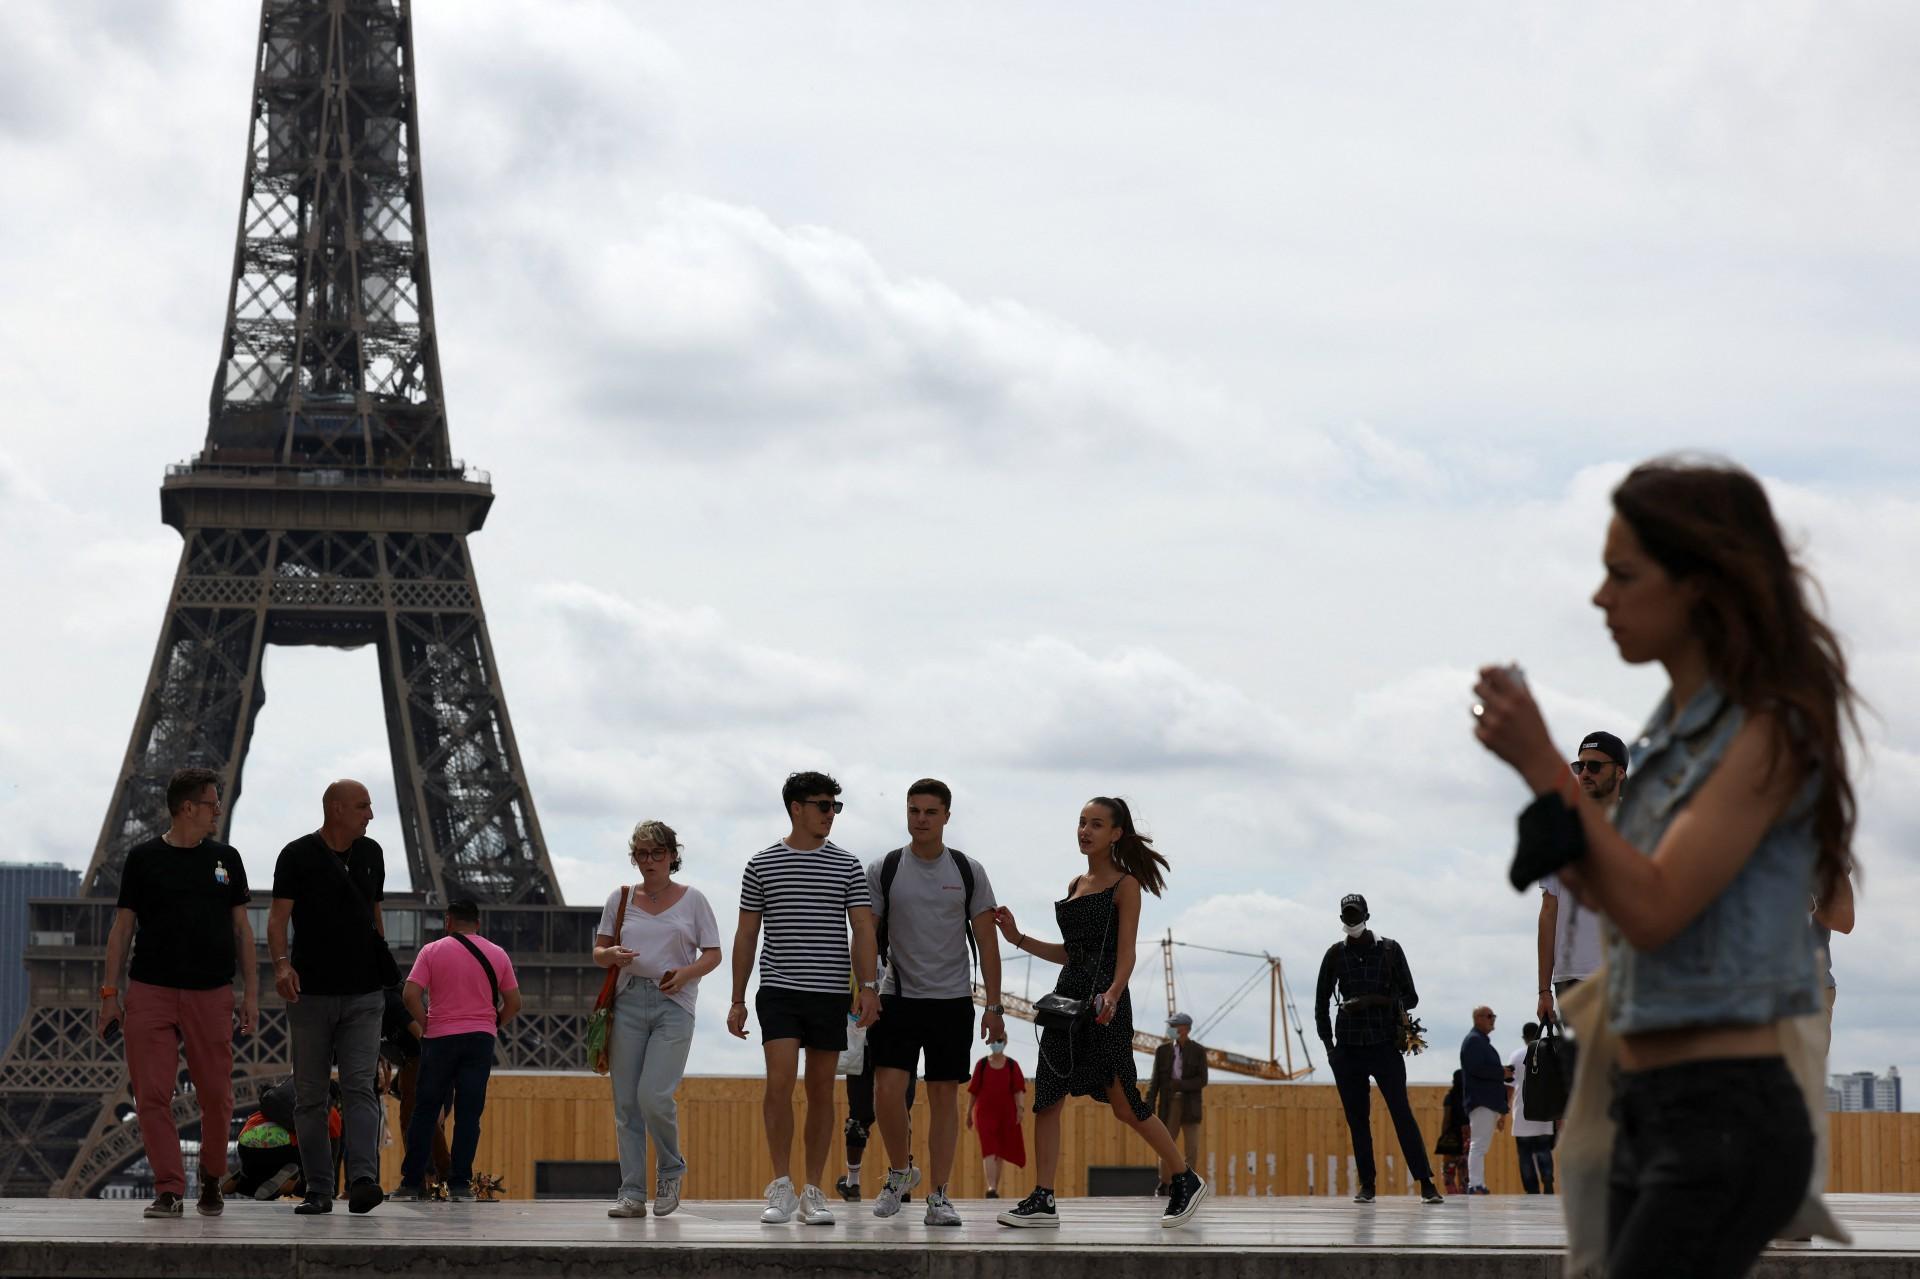 Pedestres caminham na praça do Trocadero visto que a Torre Eiffel é vista na segunda planta, em Paris, em 17 de junho de 2021, pois o fim da obrigatoriedade de uso de máscaras ao ar livre passa a vigorar a partir de 17 de junho e o levantamento do toque de recolher a partir de 20 de junho, graças a uma melhoria mais rápida do que o esperado na situação da saúde. (Foto de Thomas COEX / AFP)